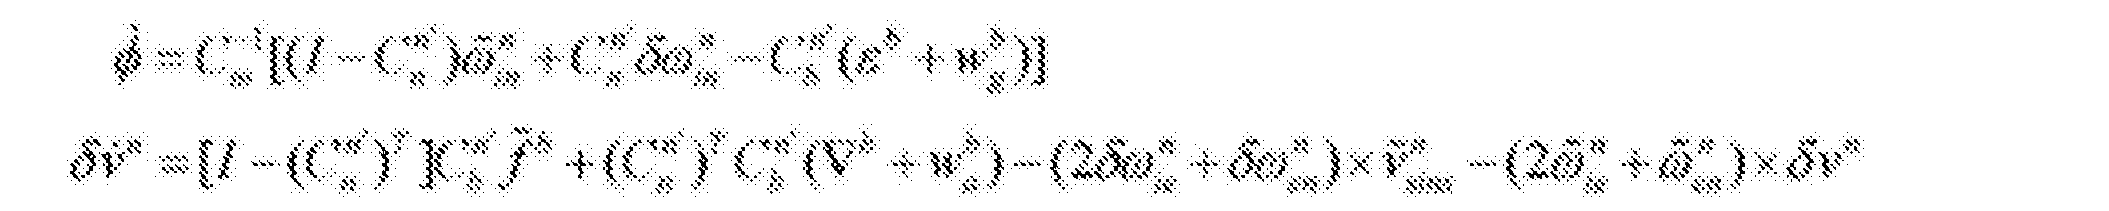 Figure CN103759742BC00021